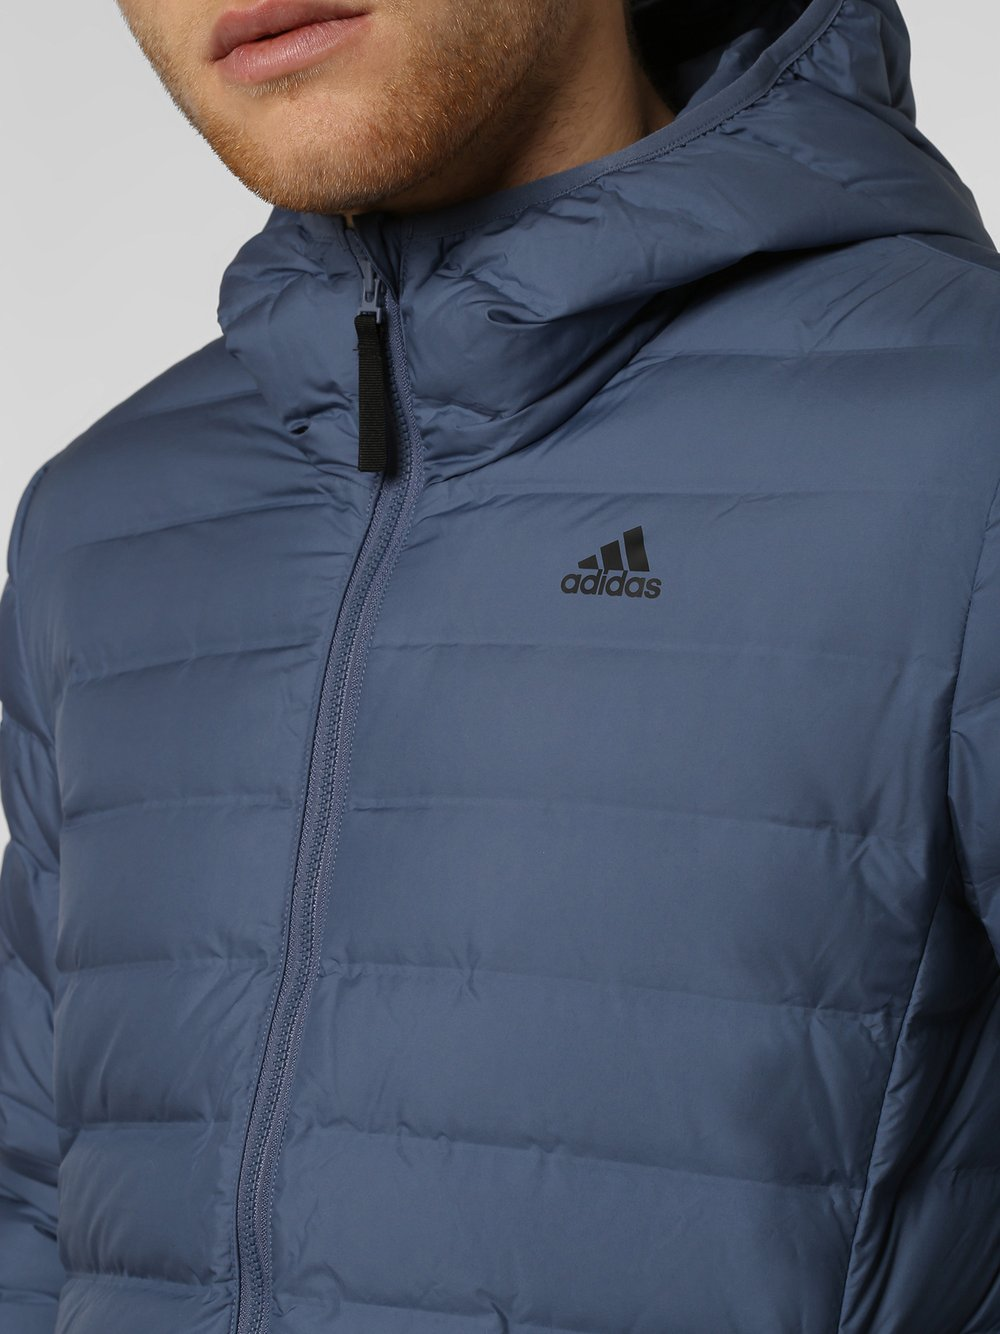 adidas Originals Męska kurtka puchowa – Varlite, niebieski